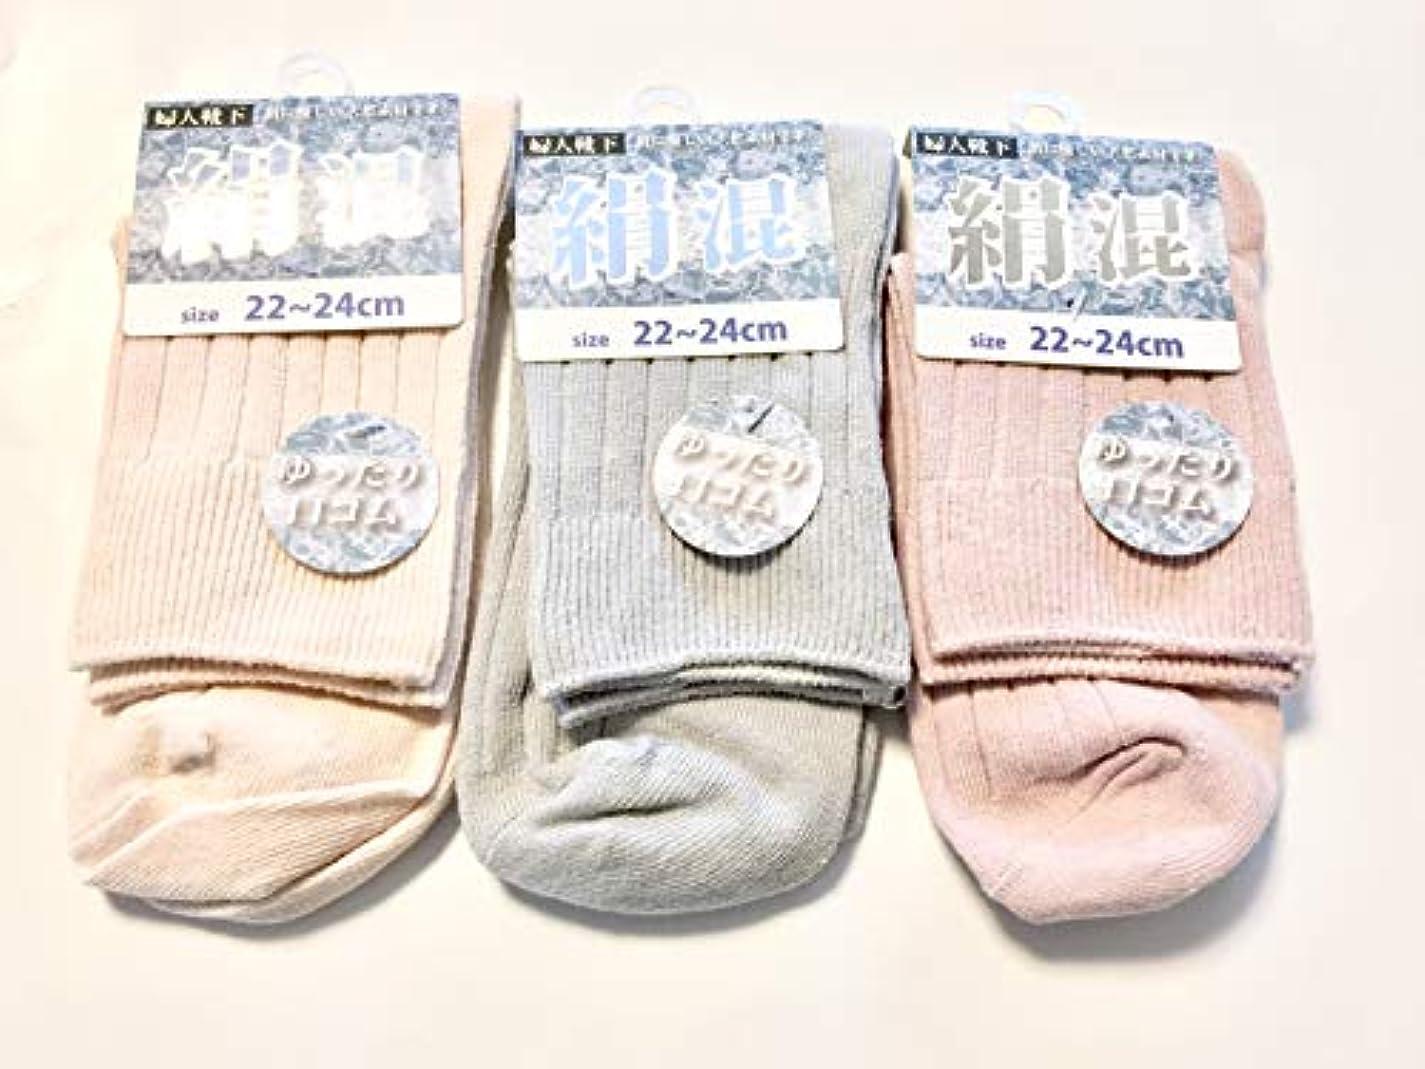 電化する高齢者スプーン靴下 レディース シルク混 リンクスソックス 口ゴムゆったり 22-24cm 3足組(色はお任せ)